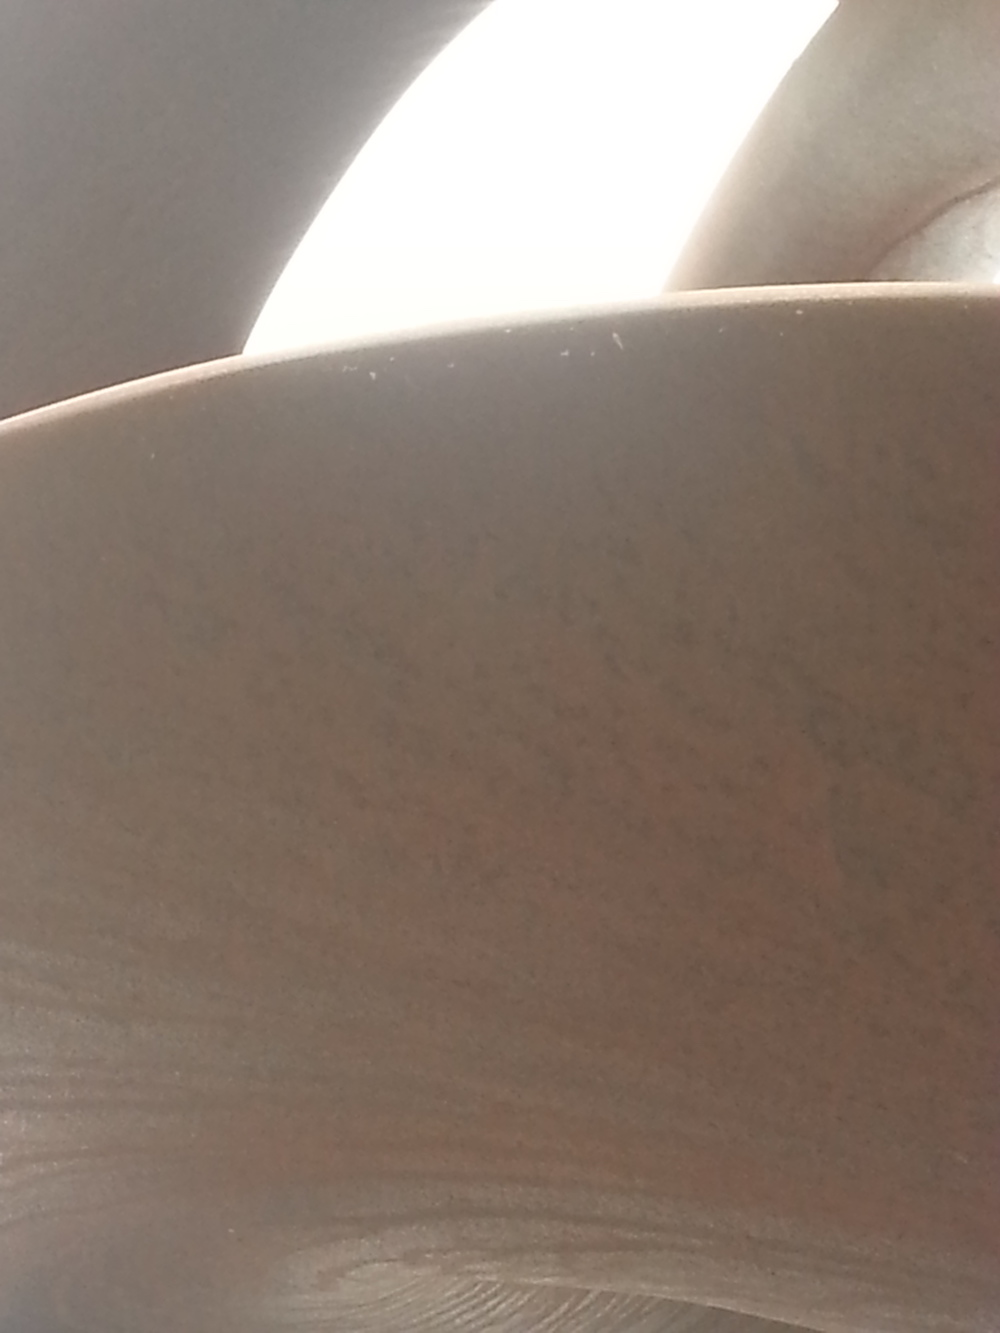 20140214_141928 Kopie.jpg